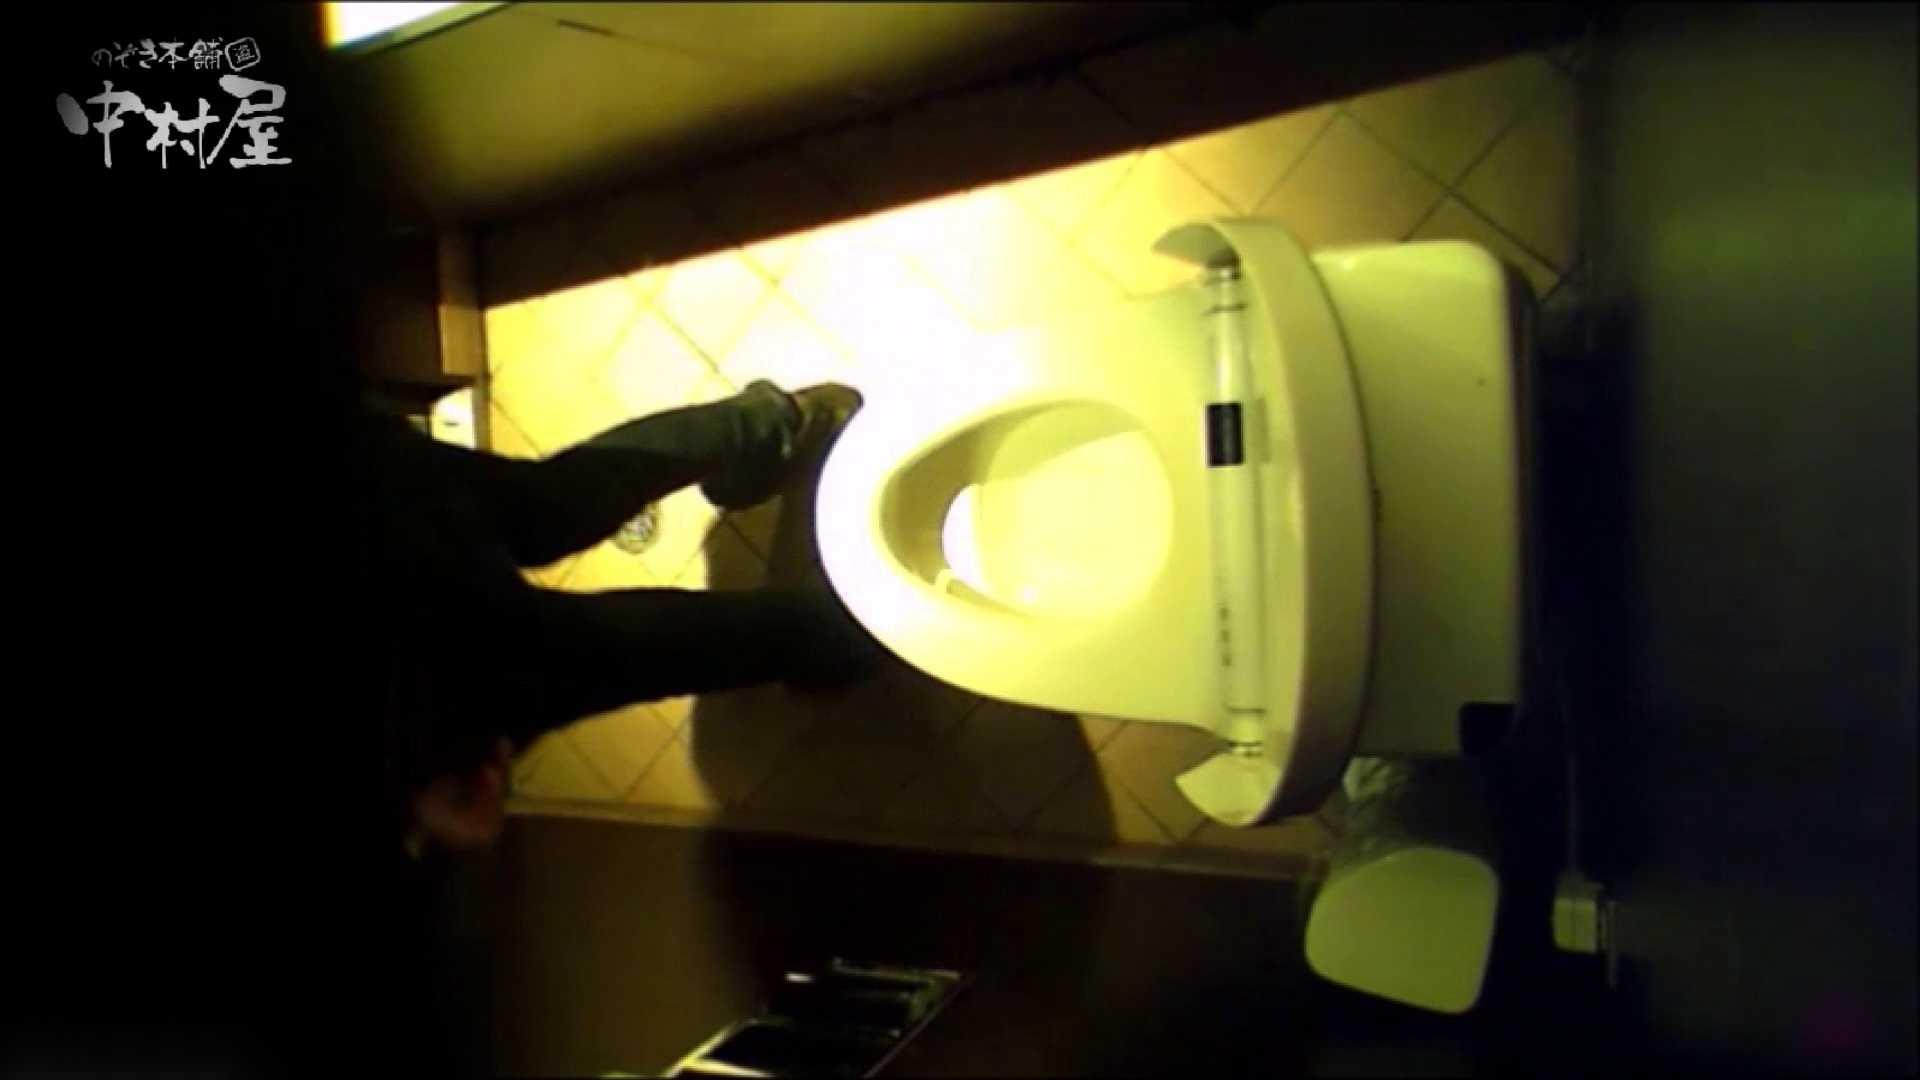 女子トイレ盗撮~某ファミレス編~vol.24 女子トイレ編 おまんこ無修正動画無料 89PIX 63